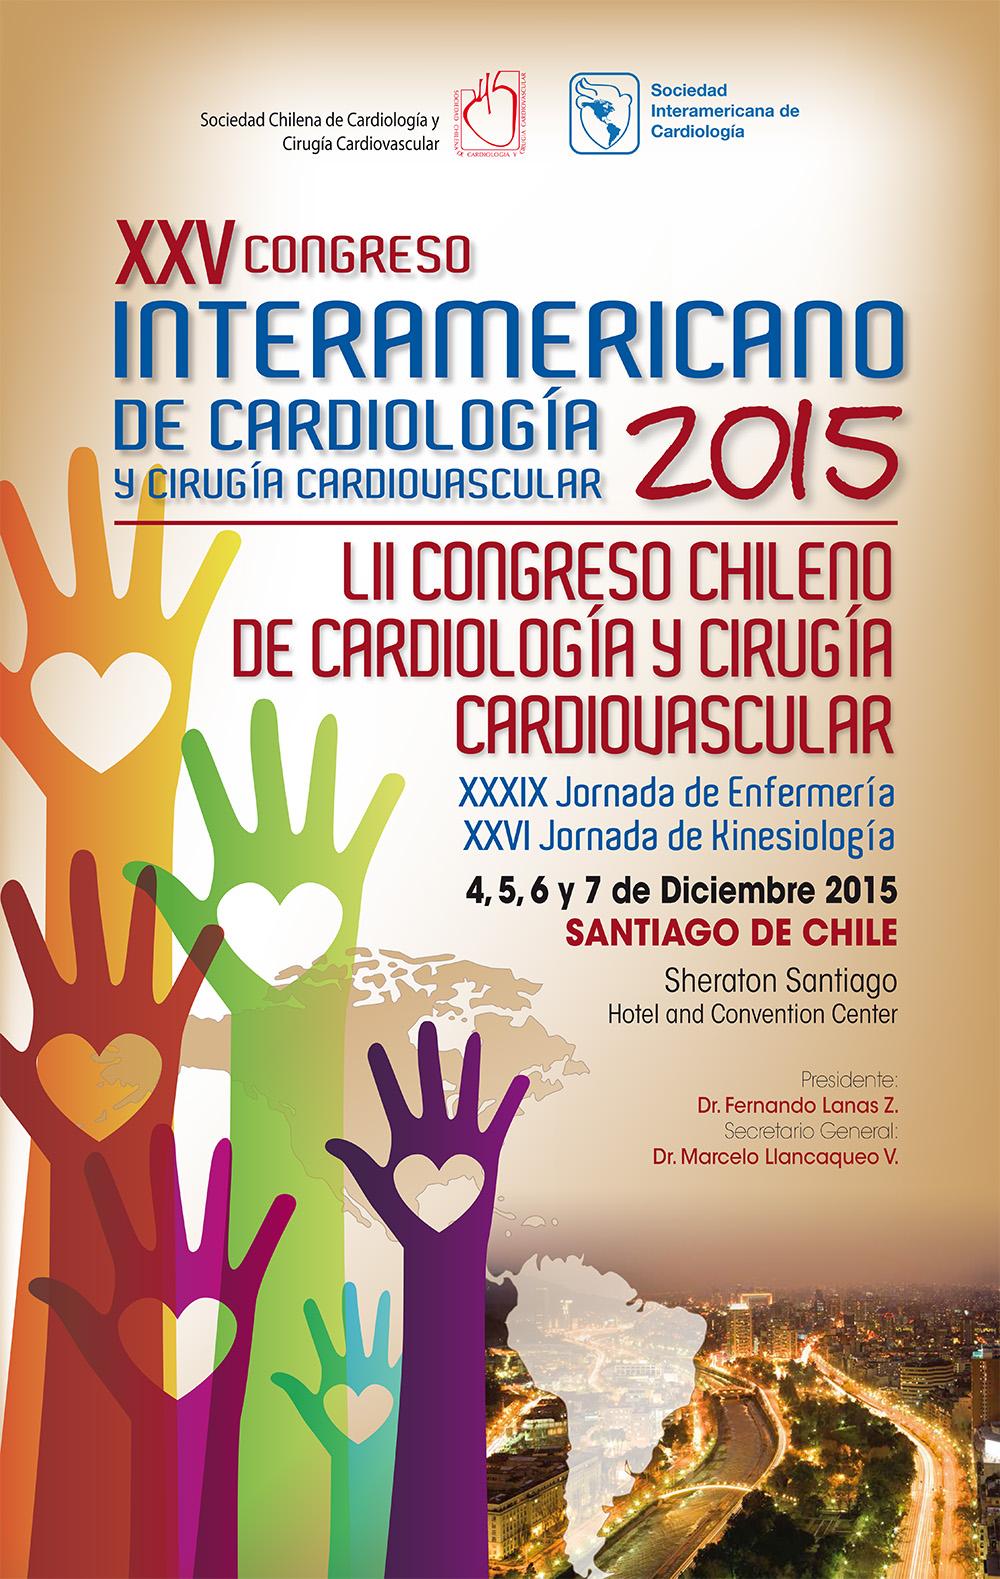 XXV Congreso Interamericano de Cardiología y Cirugía Cardiovascular 2015 @ Sheraton Santiago /Diciembre 4,5,6 y 7 de 2014